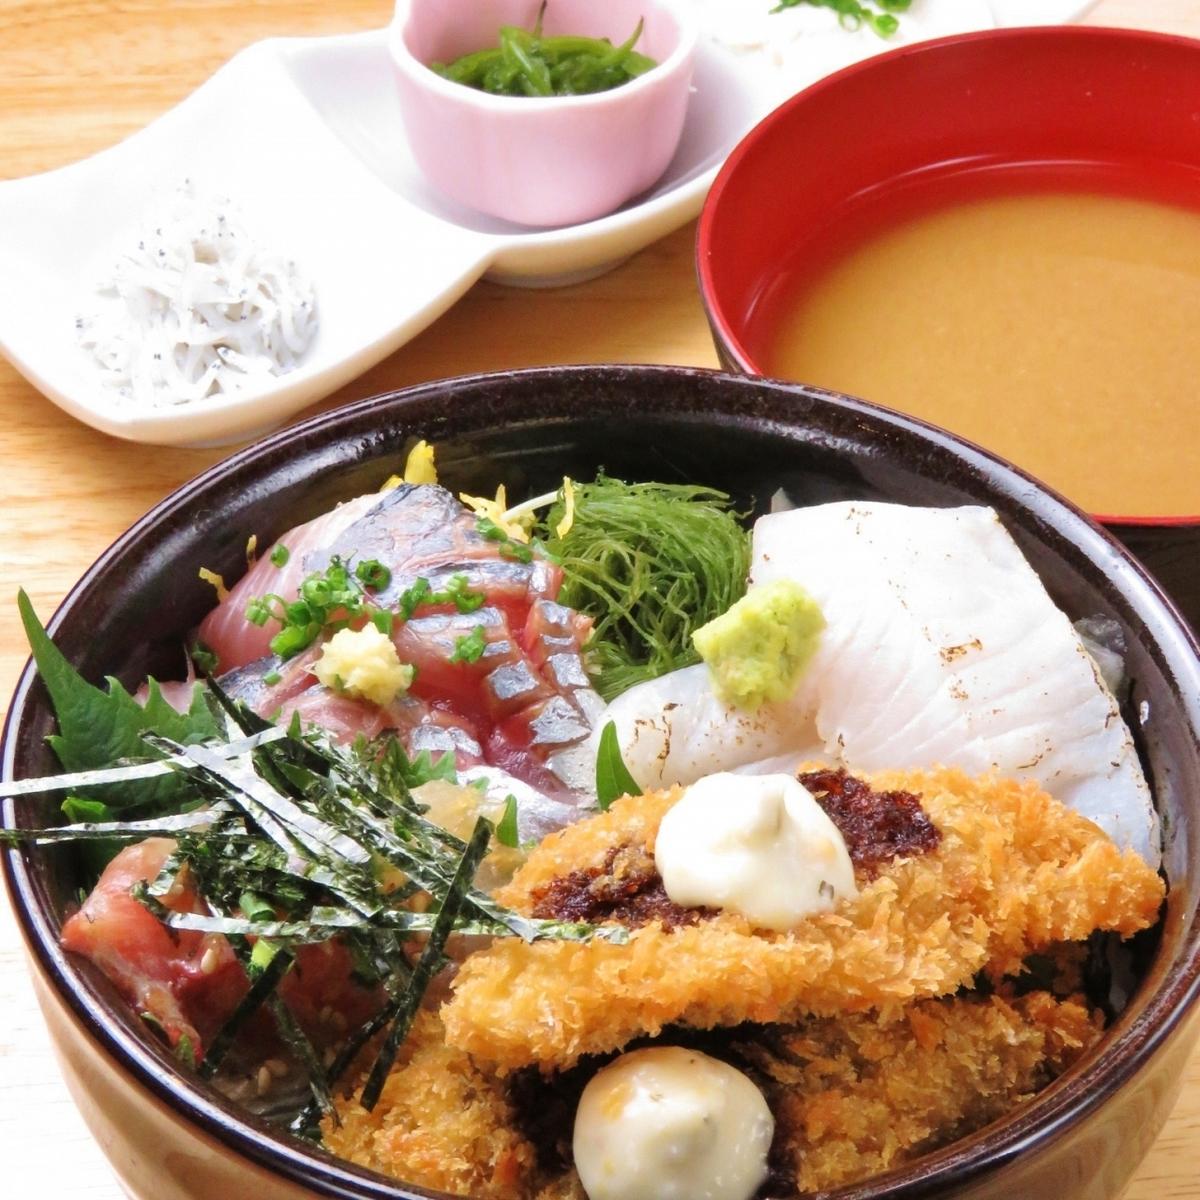 早上放養魚的簡單午餐